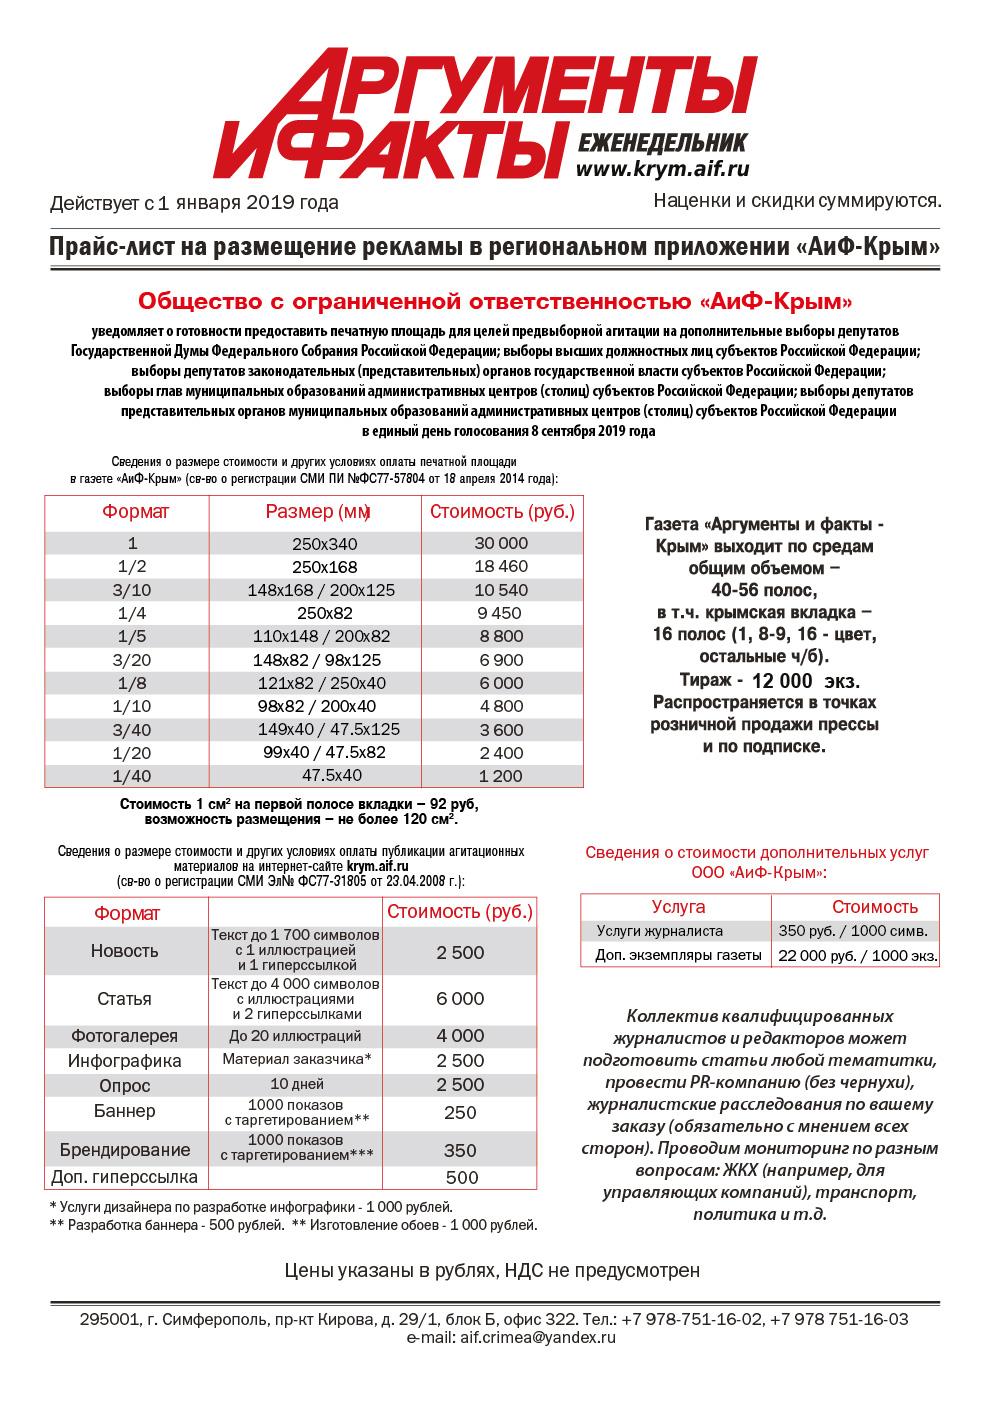 Прайс-лист «АиФ-Крым», выборы 2019